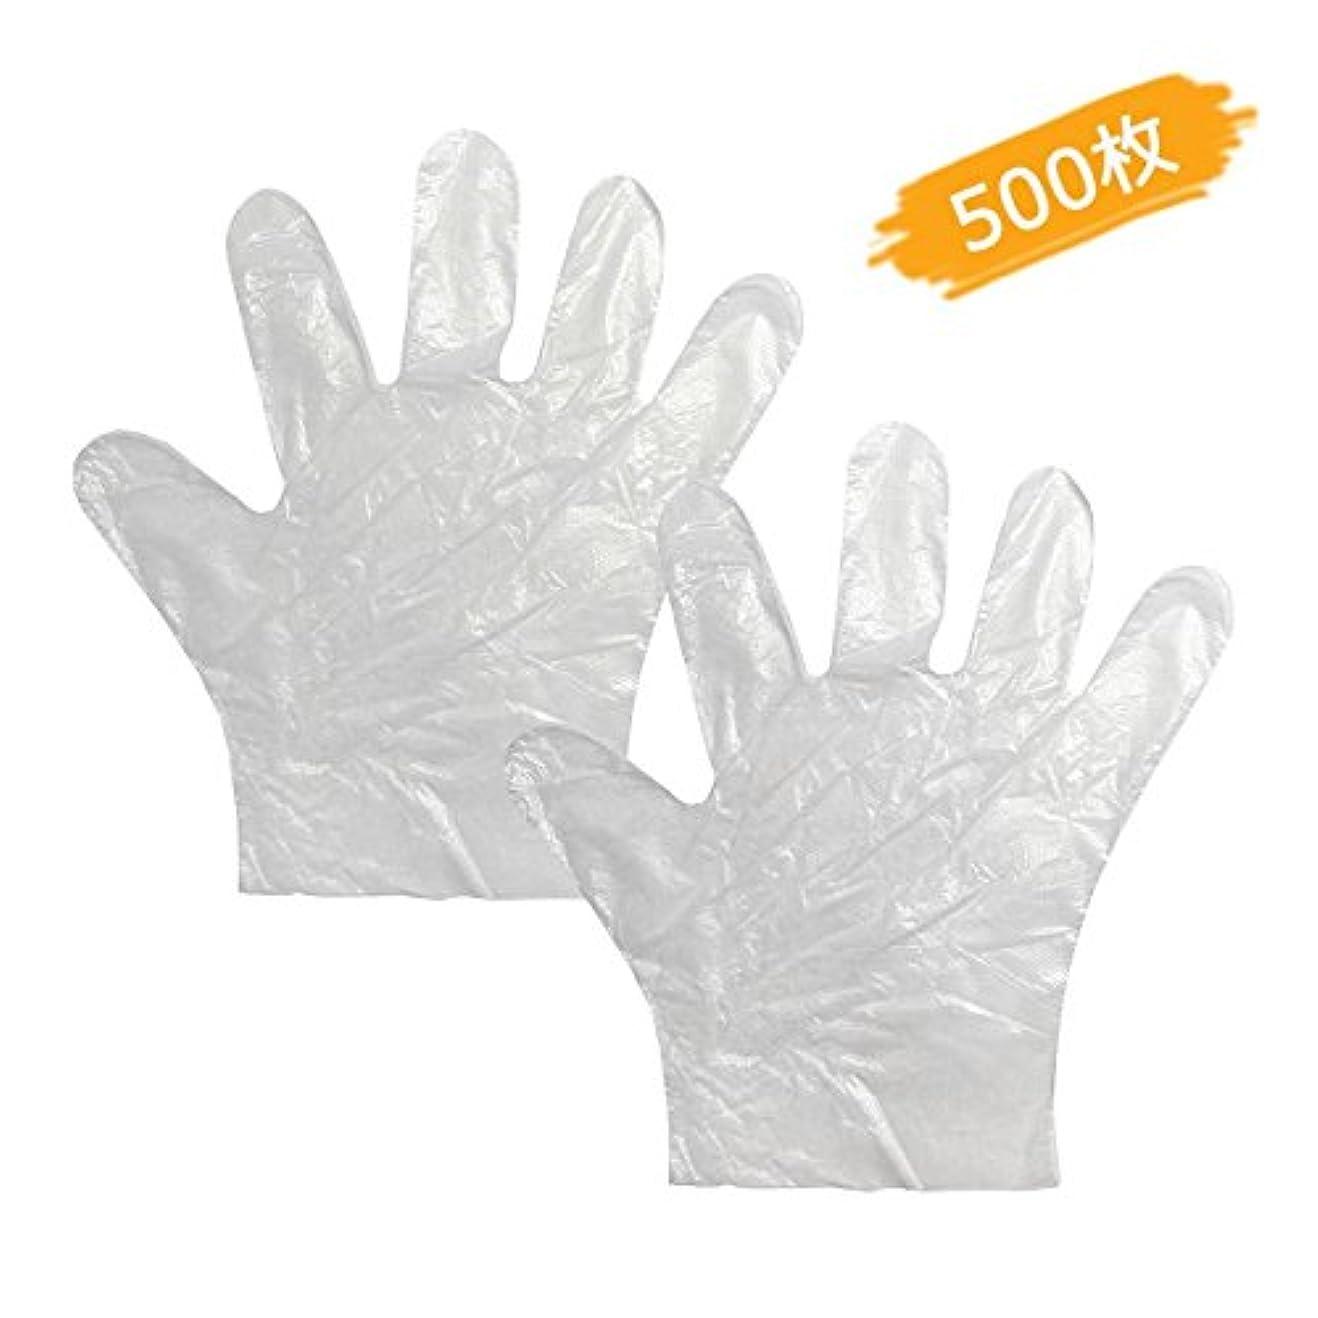 救急車恥資源使い捨て手袋 プラスティック手袋 極薄ビニール手袋 調理 透明 実用 500枚入